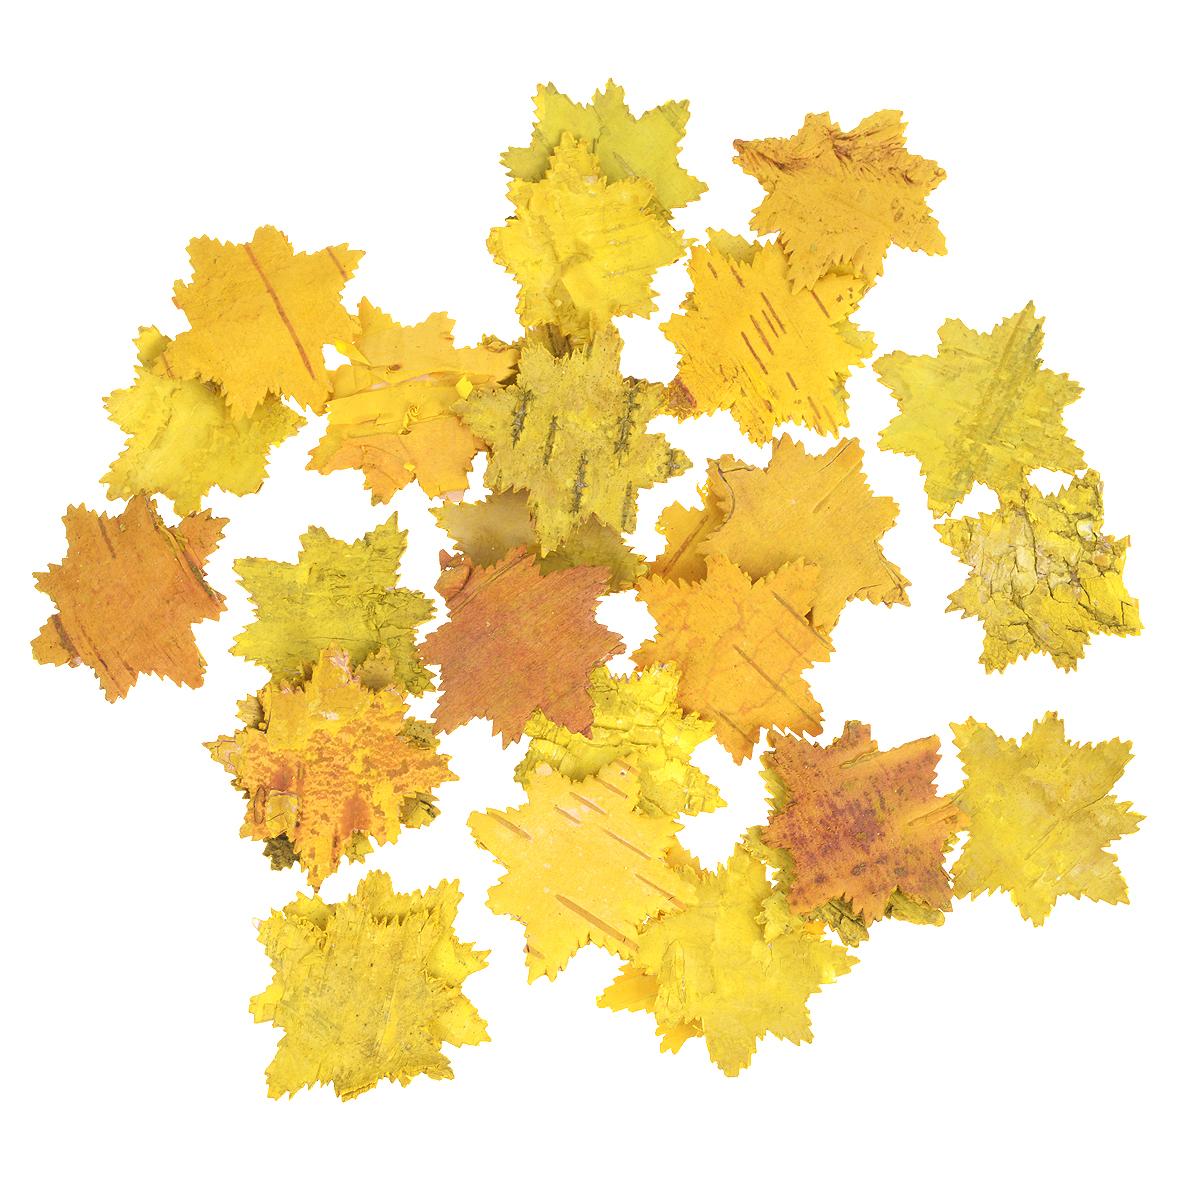 Декоративный элемент Dongjiang Art Снежинка, цвет: желтый, 30 шт7709003Декоративный элемент Dongjiang Art Снежинка, изготовленный из натуральной коры дерева, предназначен для украшения цветочных композиций. Изделие можно также использовать в технике скрапбукинг и многом другом. Флористика - вид декоративно-прикладного искусства, который использует живые, засушенные или консервированные природные материалы для создания флористических работ. Это целый мир, в котором есть место и строгому математическому расчету, и вдохновению.